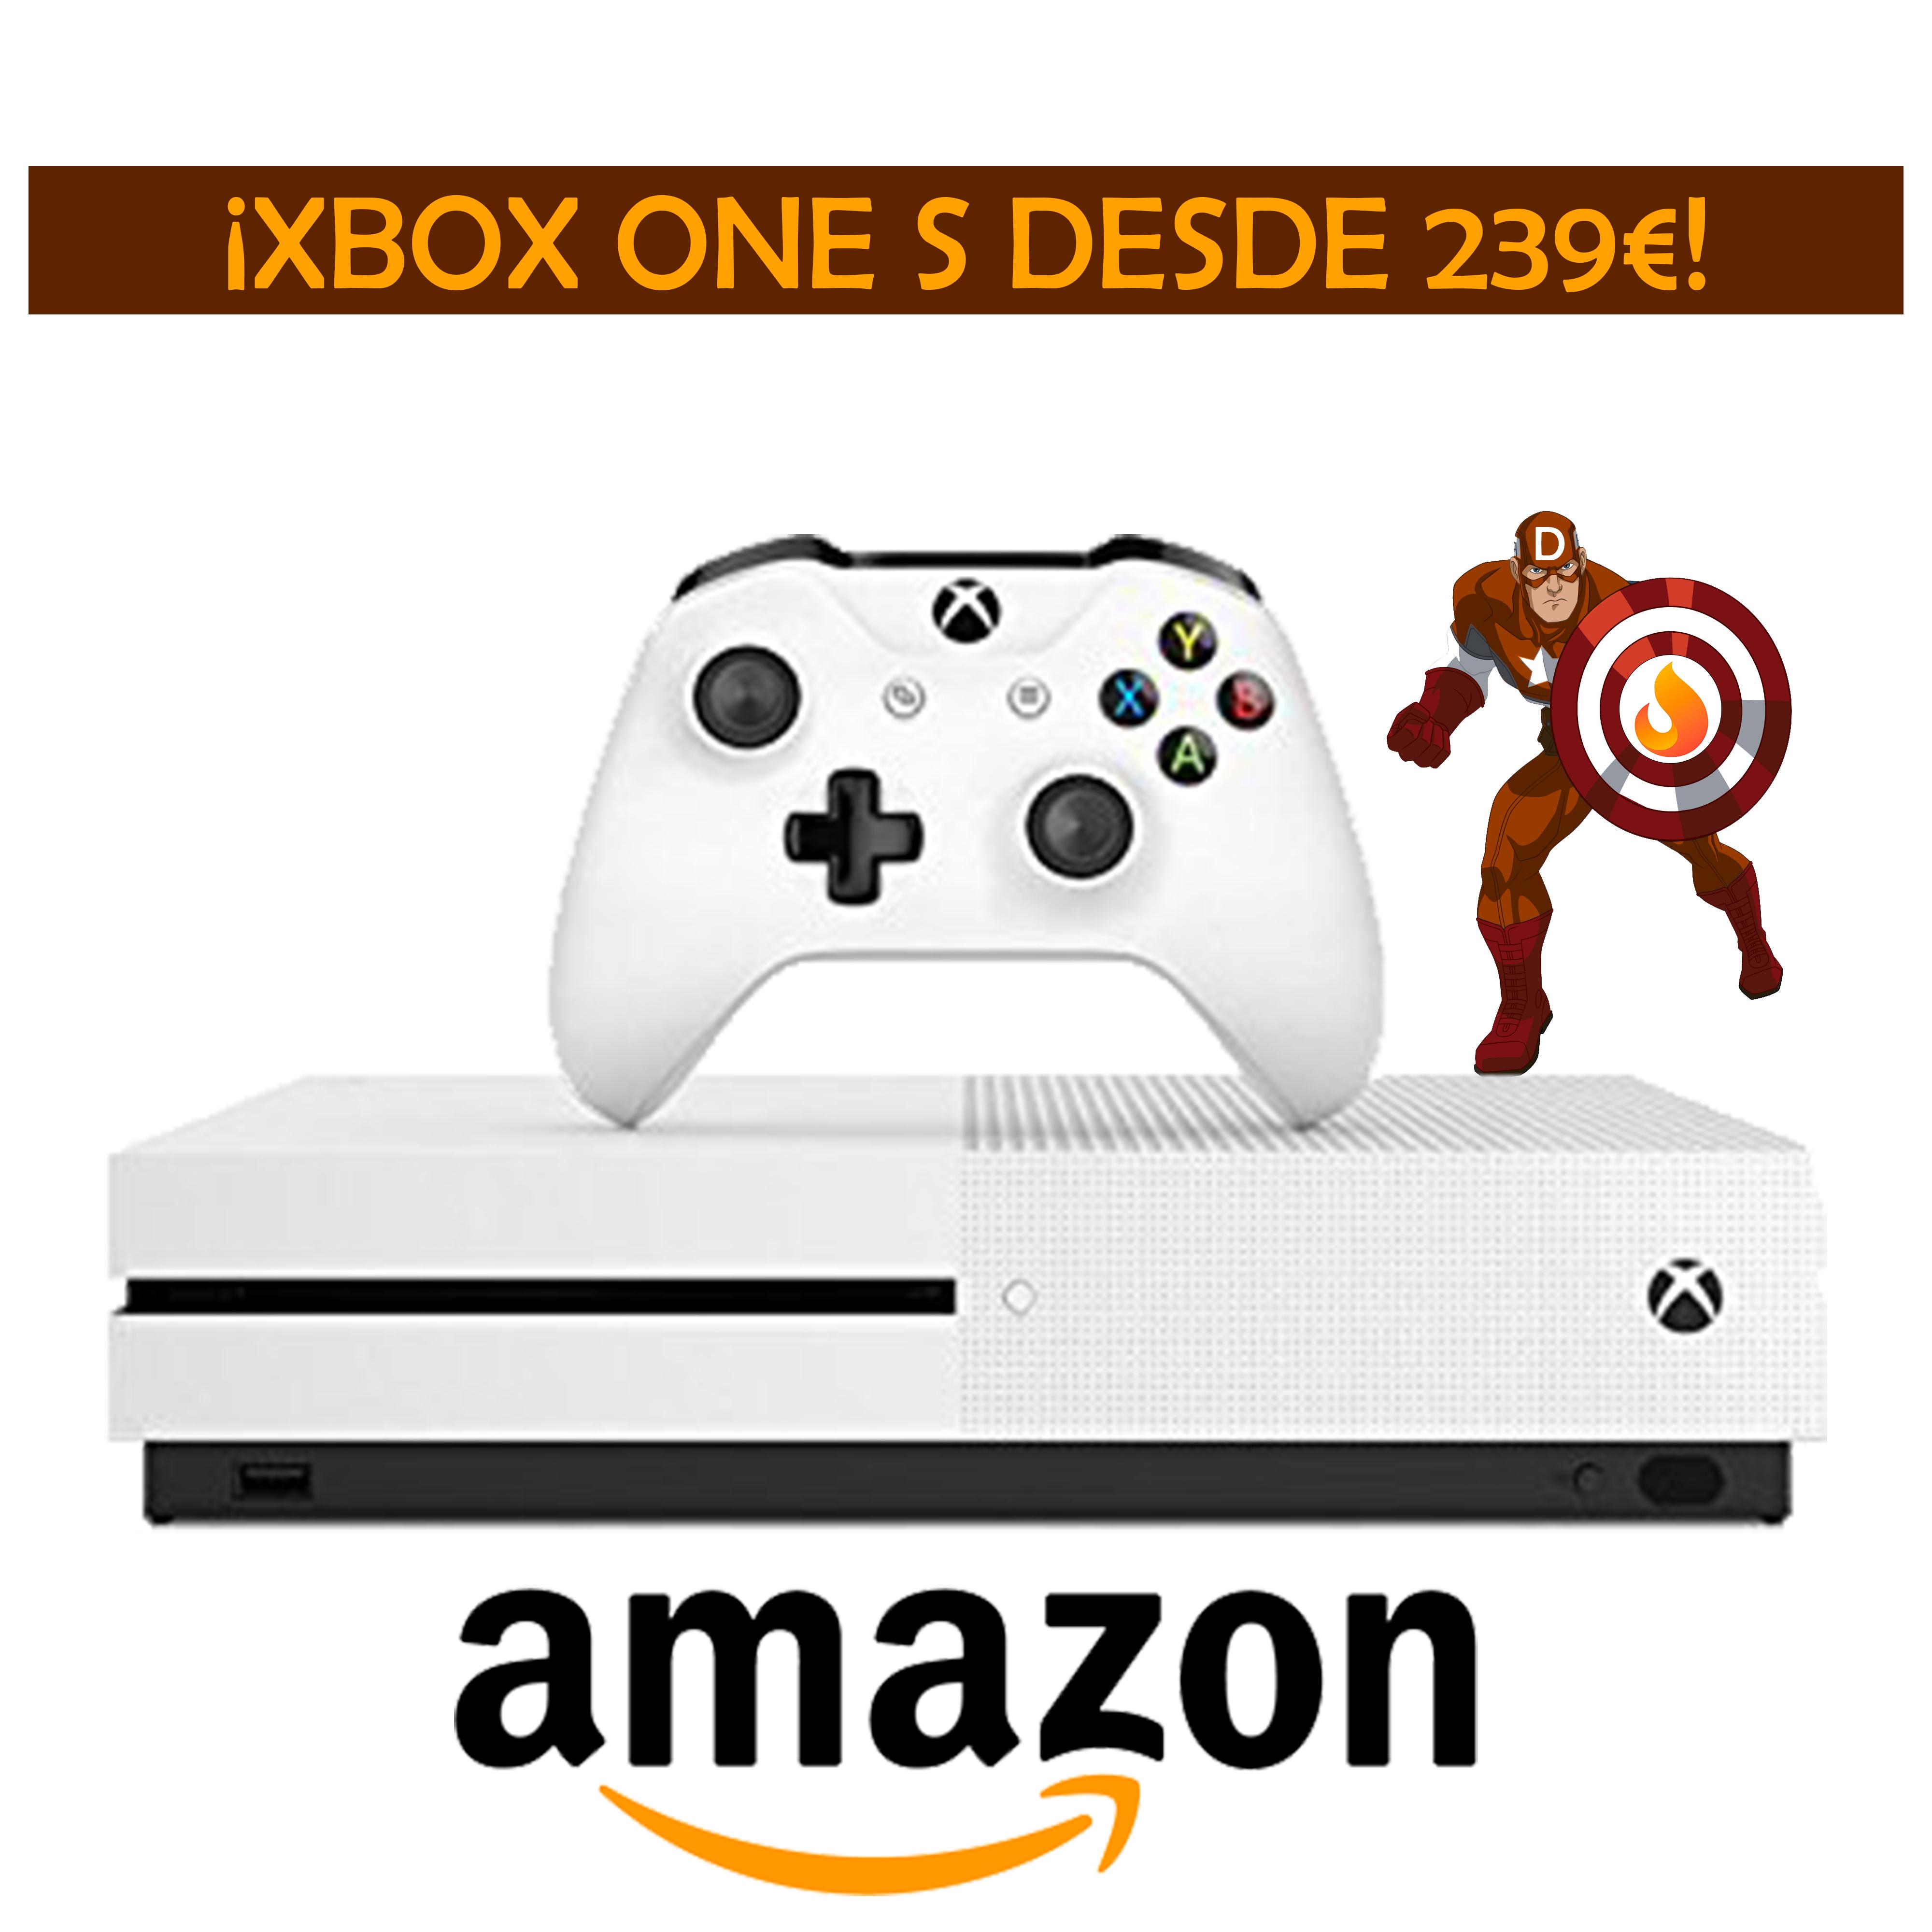 ¡RECOPILACIÓN de XBOX ONE a PRECIAZOS! (desde 239€)